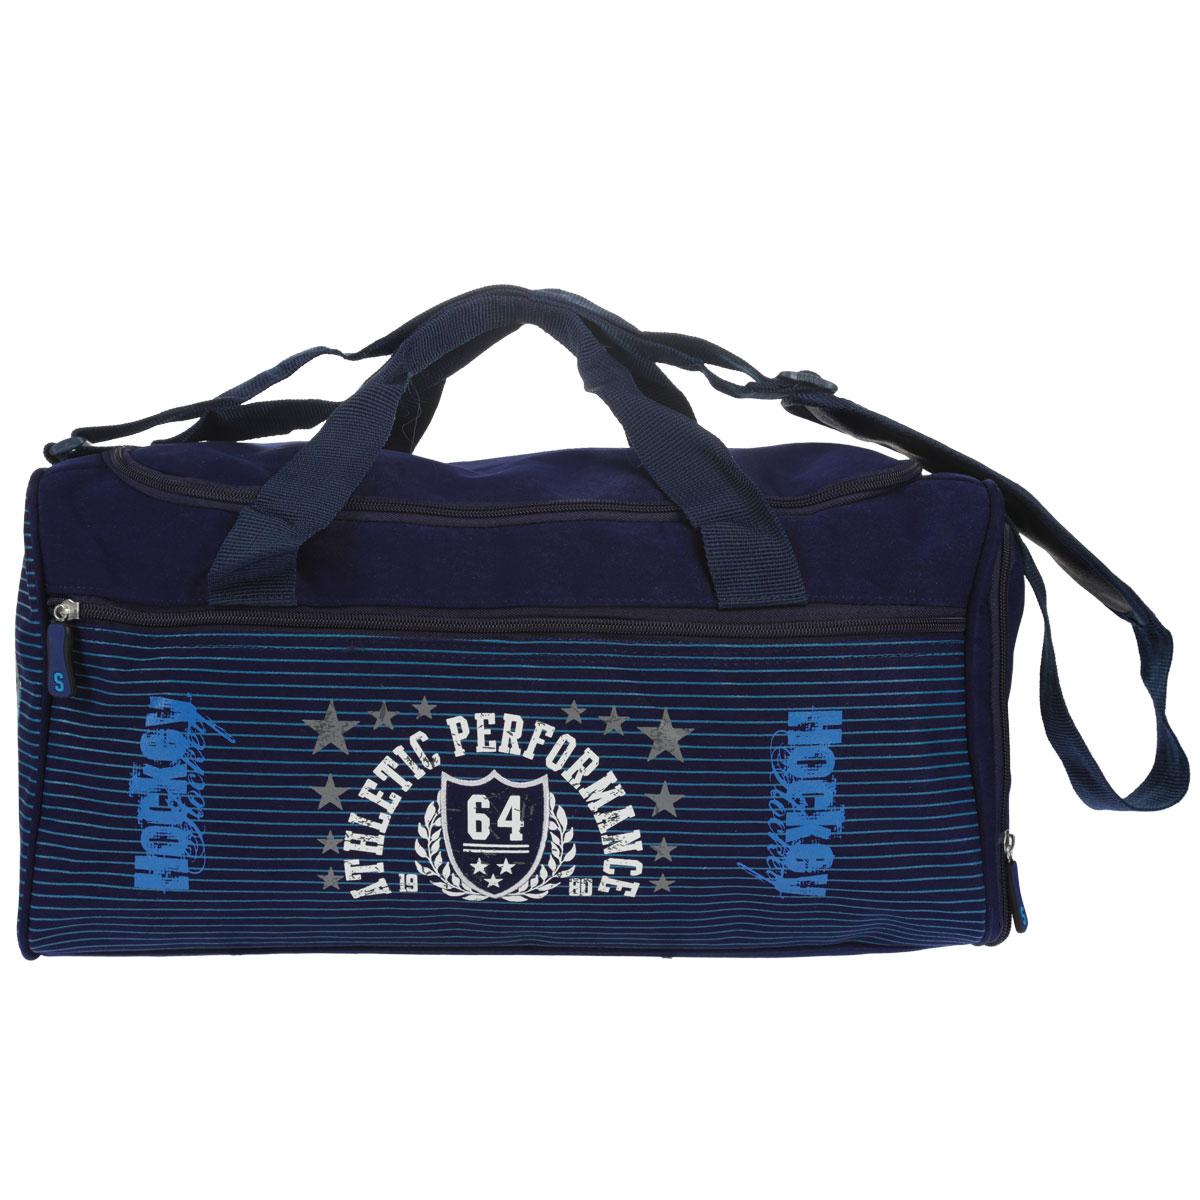 Сумка спортивная Proff Спорт с отделением для обуви, цвет: темно-синий. SP15-FLS-05SP15-FLS-05Вместительная спортивная сумка Proff Спорт предназначена для хранения и транспортировки личных вещей. Внутри сумка состоит из одного отделения, закрывающегося на застежку-молнию. На внешней стороне расположены два накладных кармана на застежке-молнии. В одном из отсеков имеются небольшие отделения для хранения ключей и мелочей. Сумка оснащена двумя удобными текстильными ручками и плечевым регулируемым по длине ремнем. В наличии специальное отделение для обуви. Сумка идеально подходит для занятий спортом.